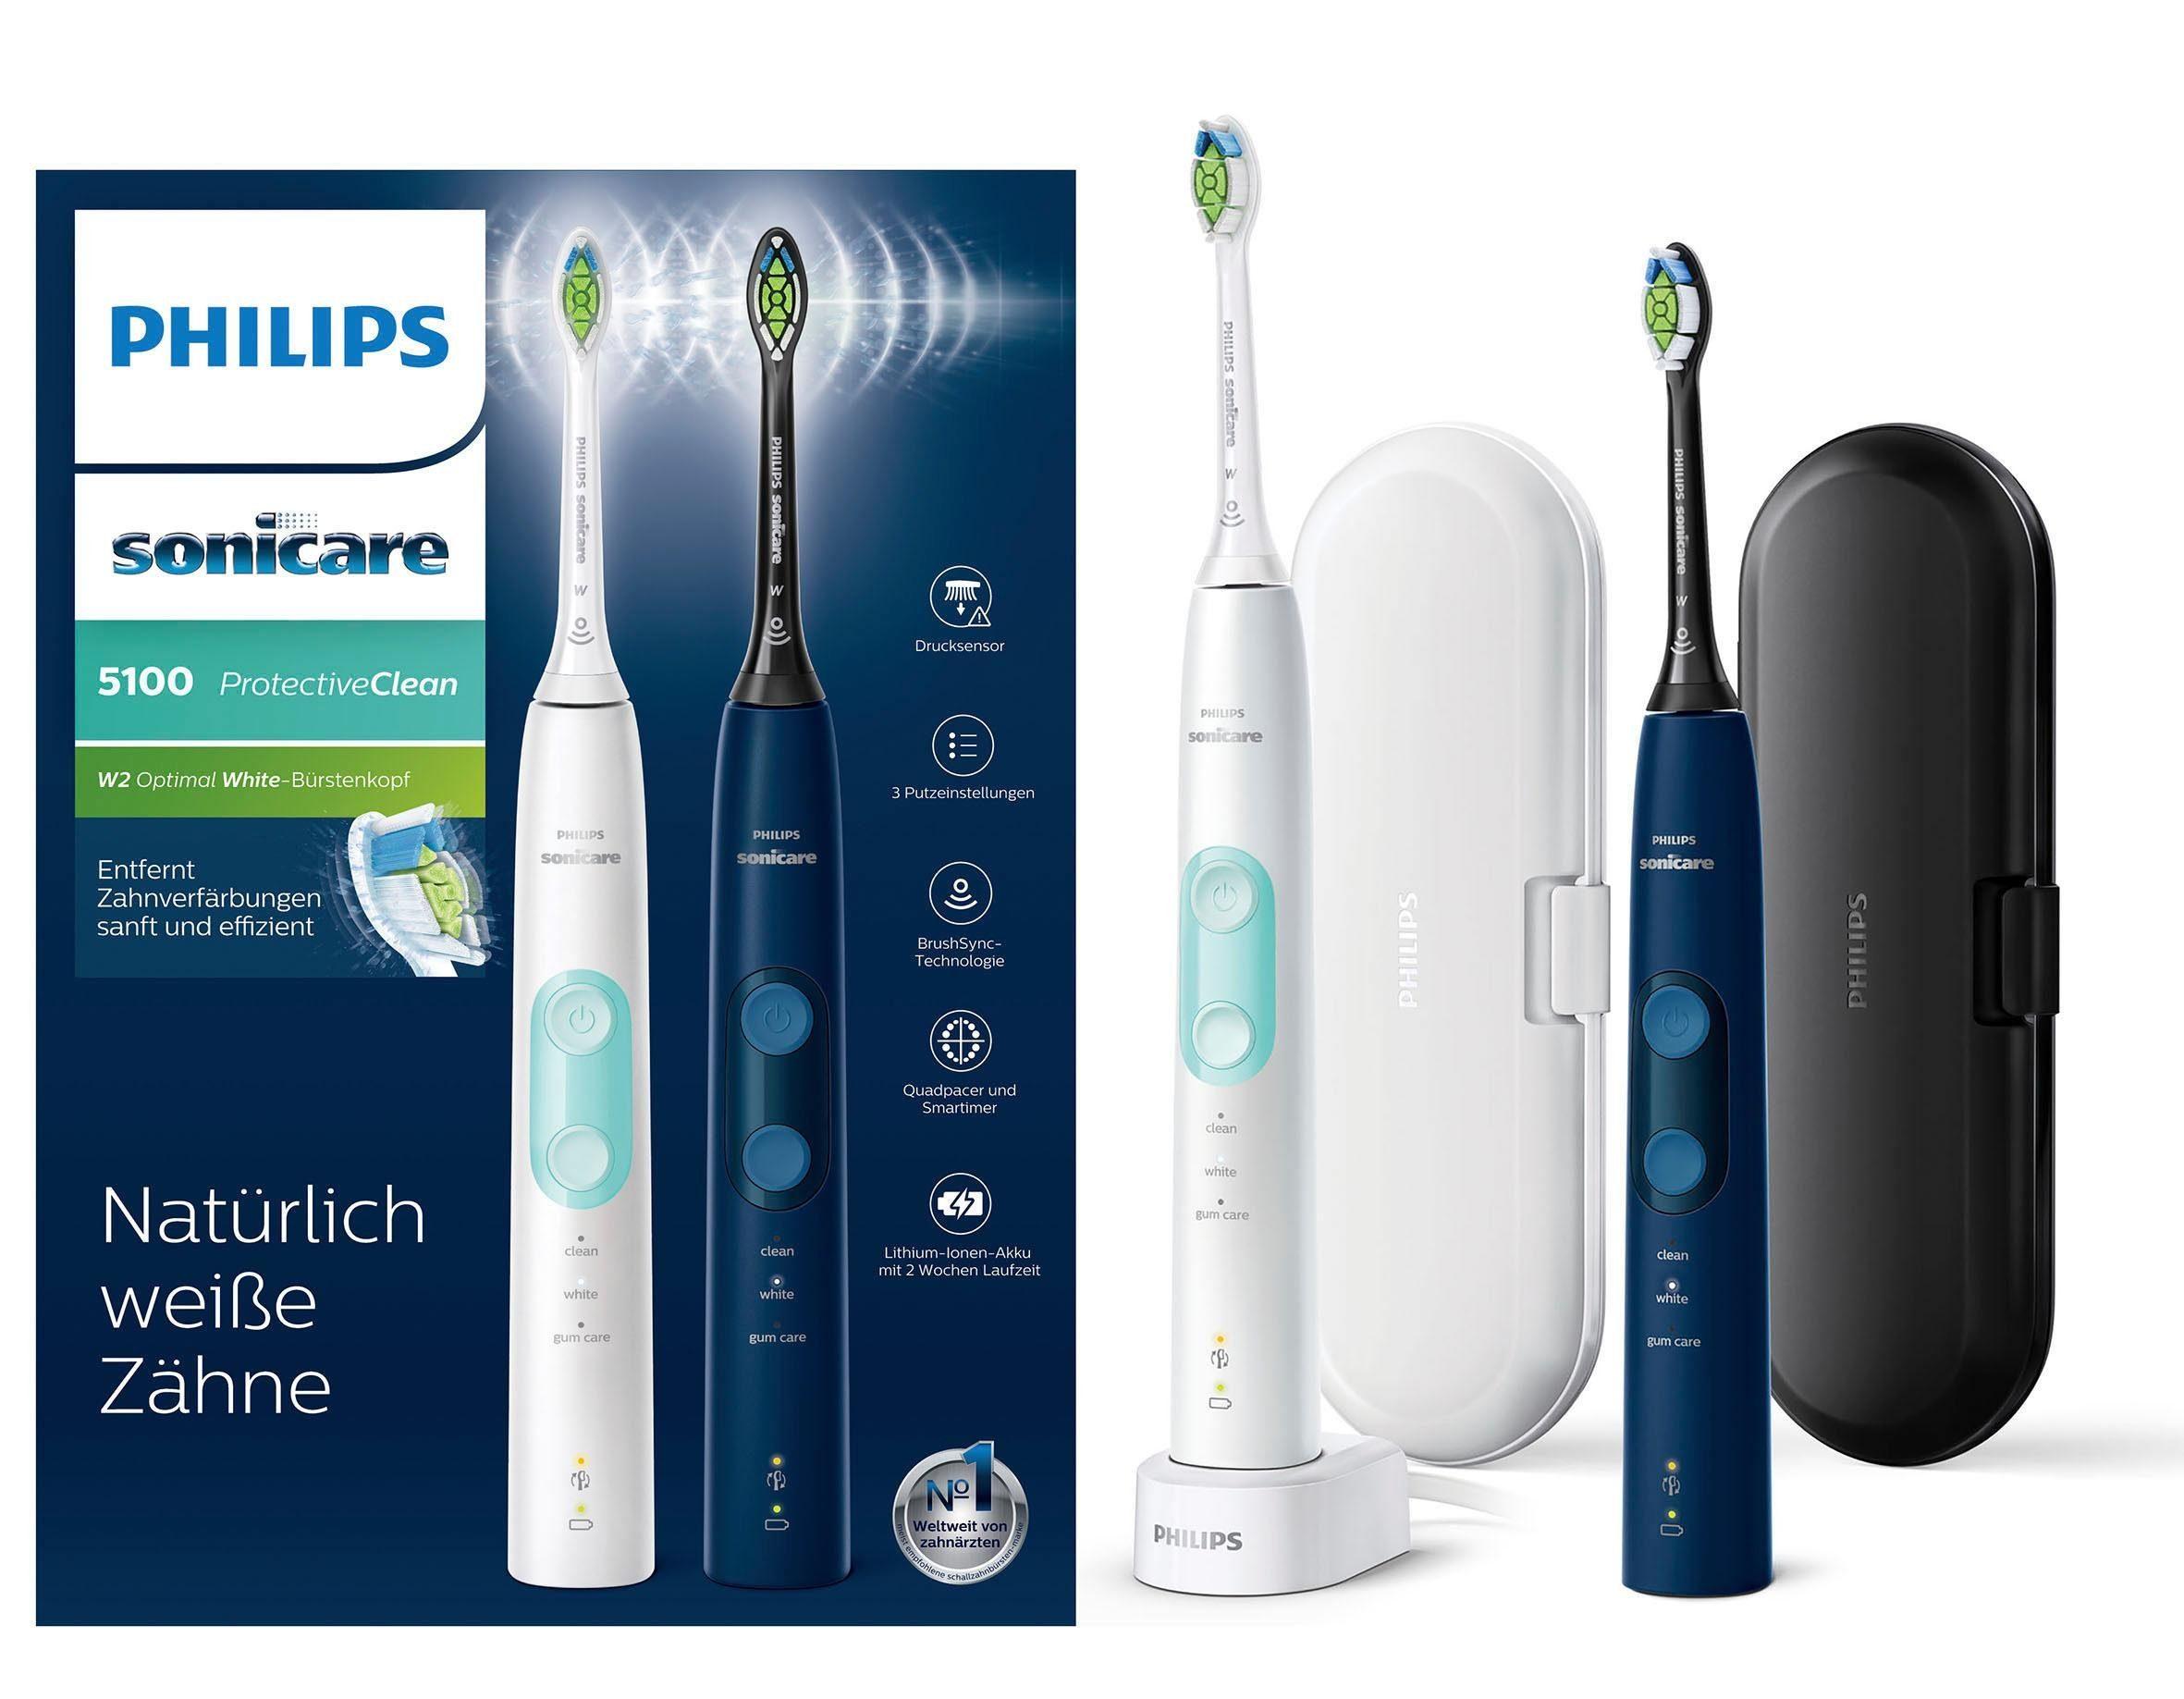 Philips Sonicare Elektrische Zahnbürste HX6851/34, Aufsteckbürsten: 2 St., 2er-Set, Drucksensor, 3 Programme, Doppelpack, weiß und blau